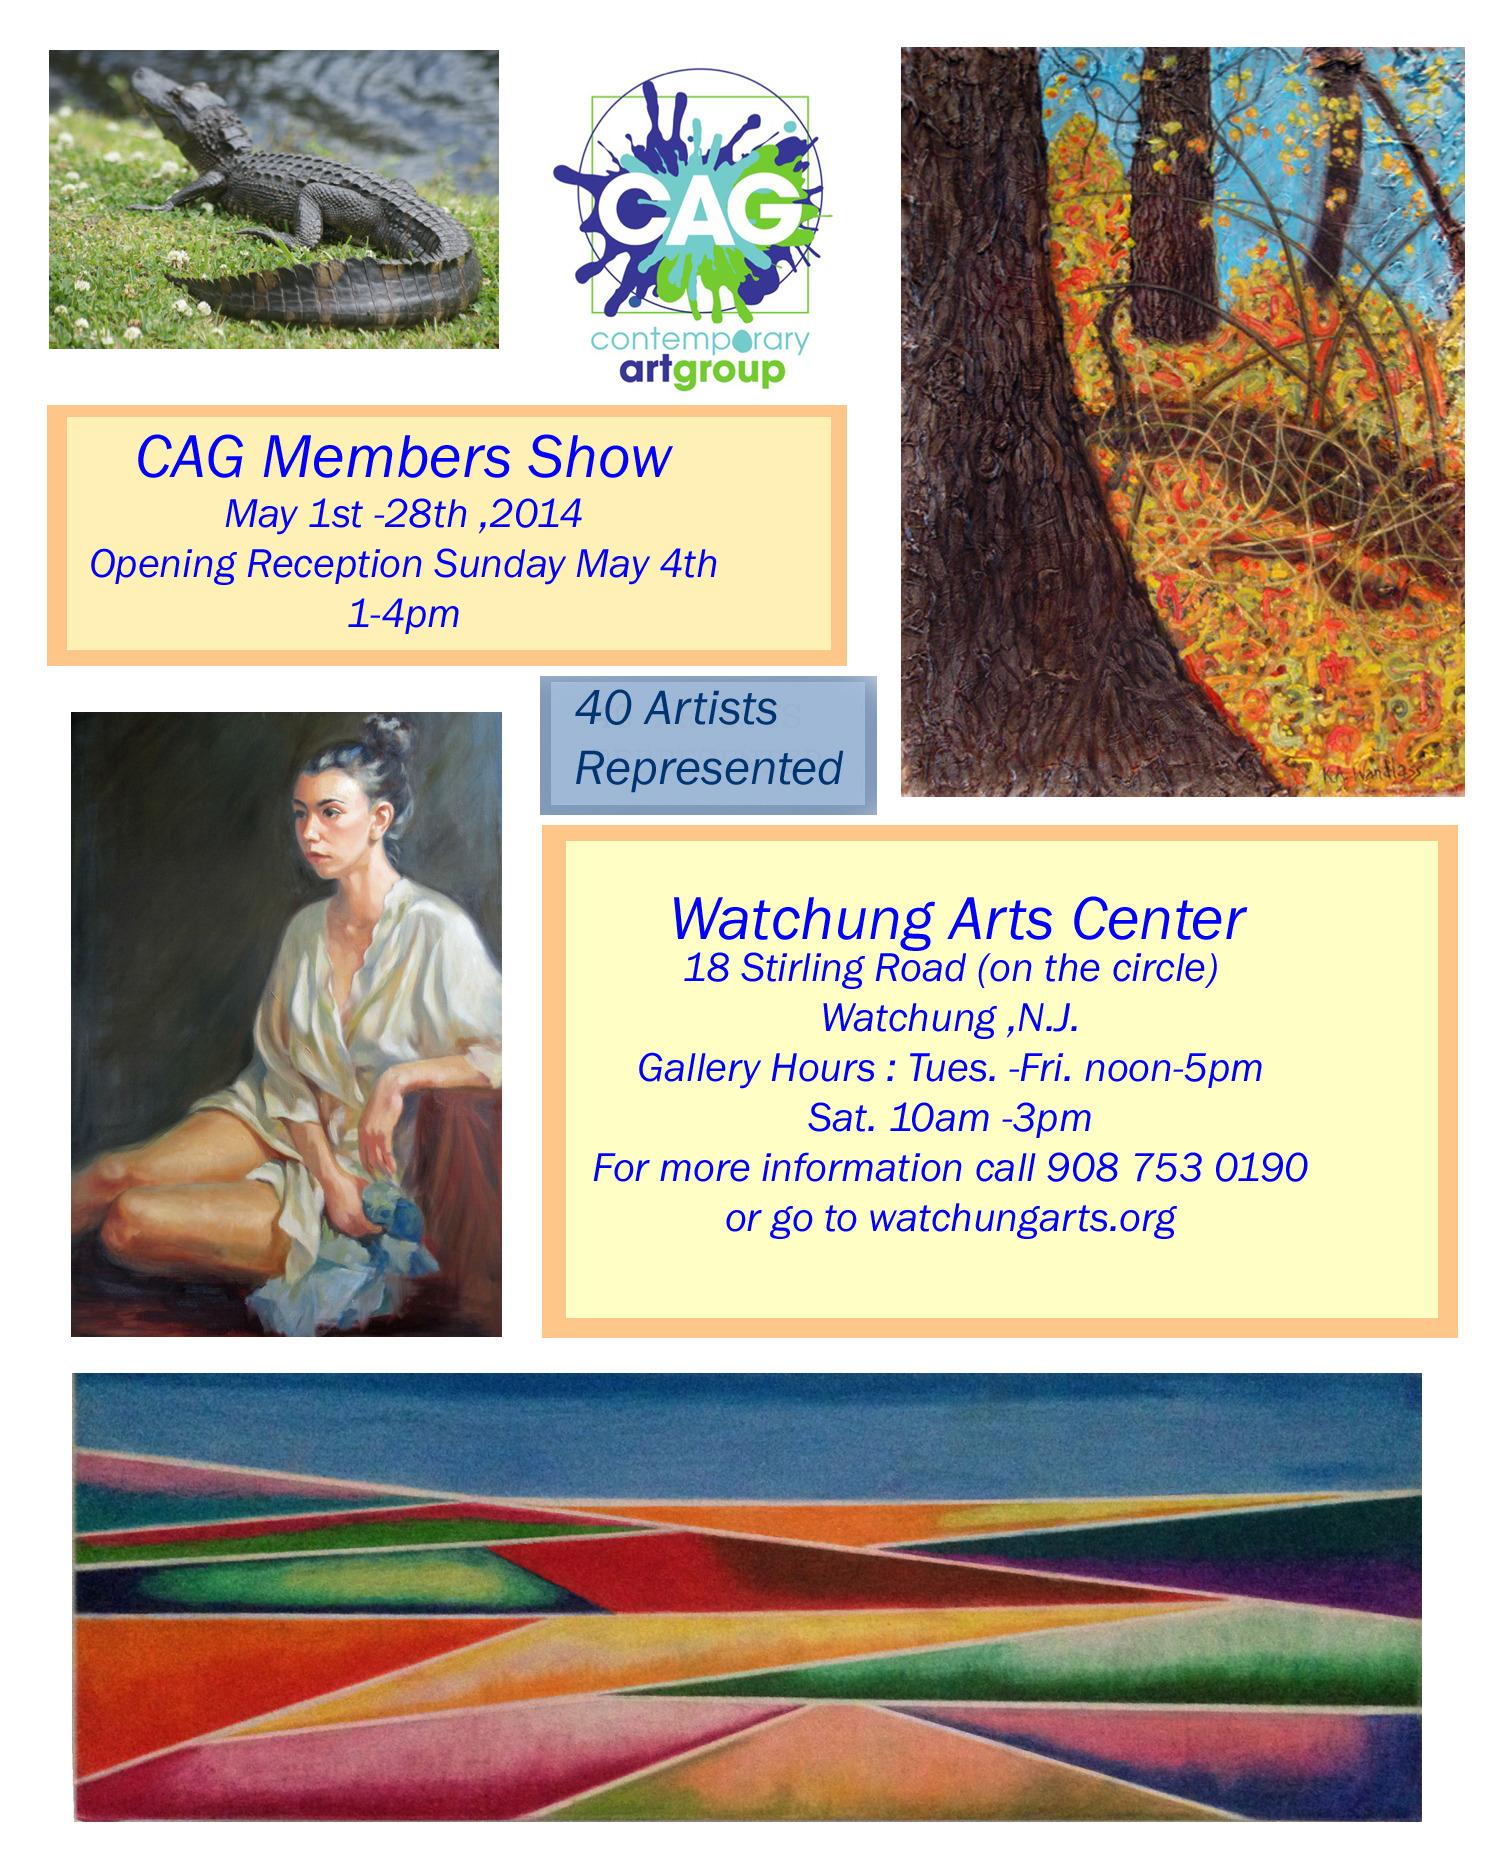 9b831fb2b342cf79aa6c_CAG_Member_Show_poster.jpg